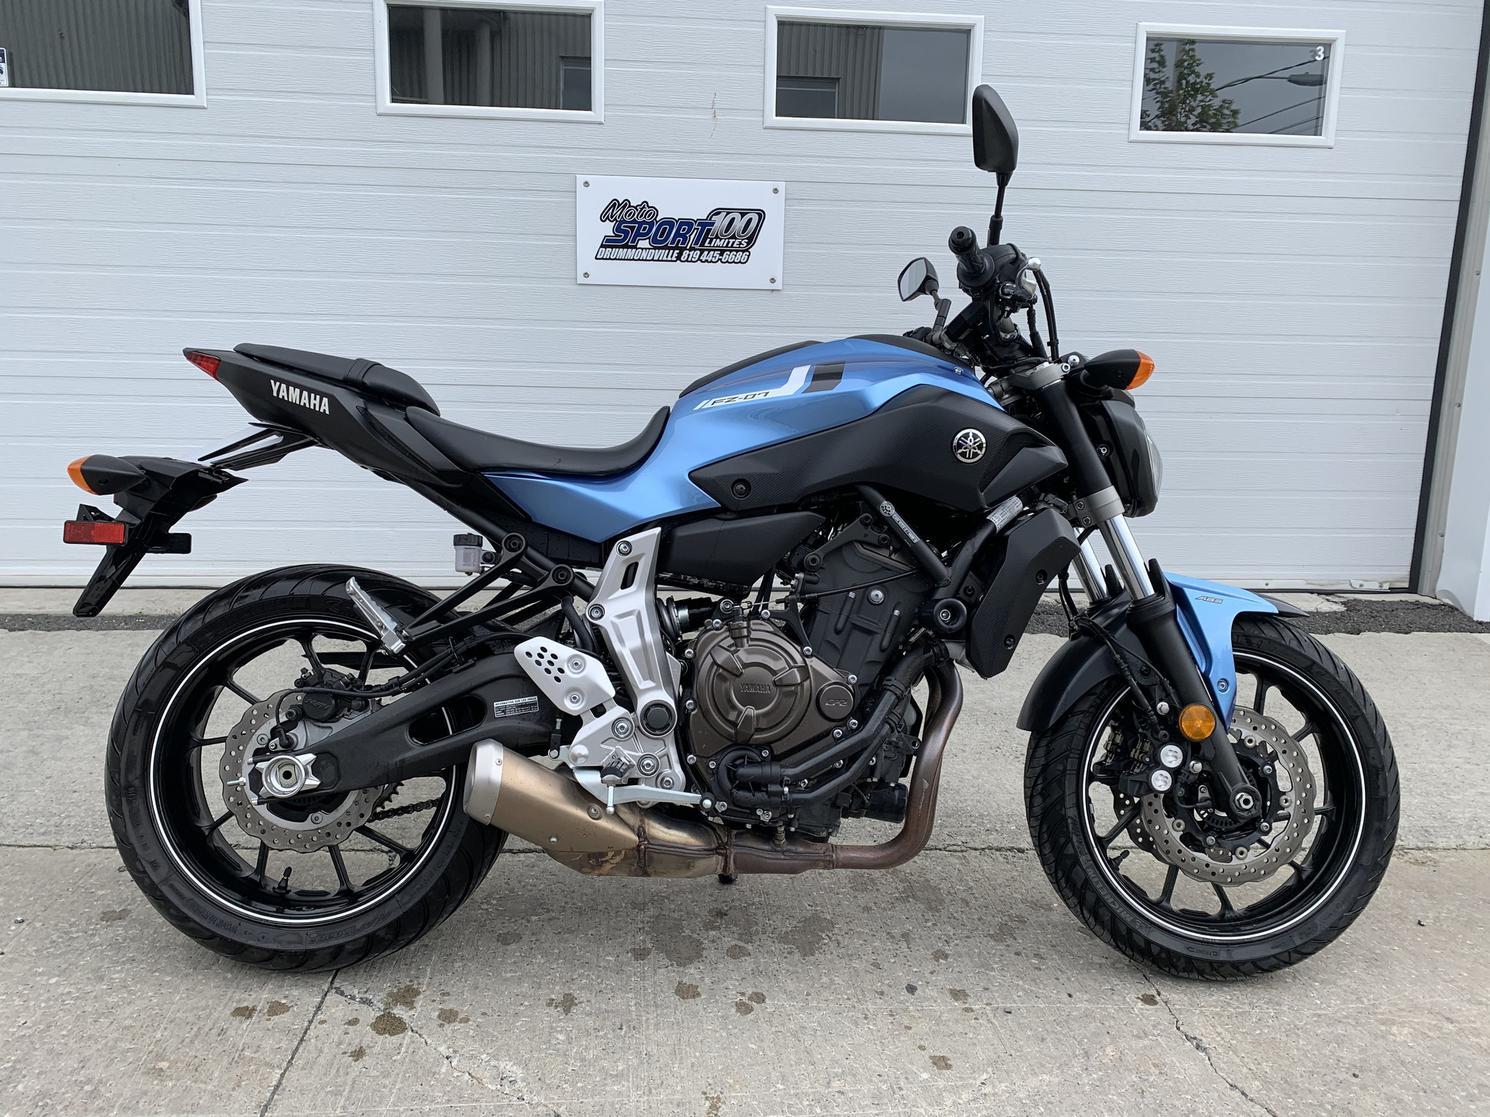 2017 Yamaha FZ07